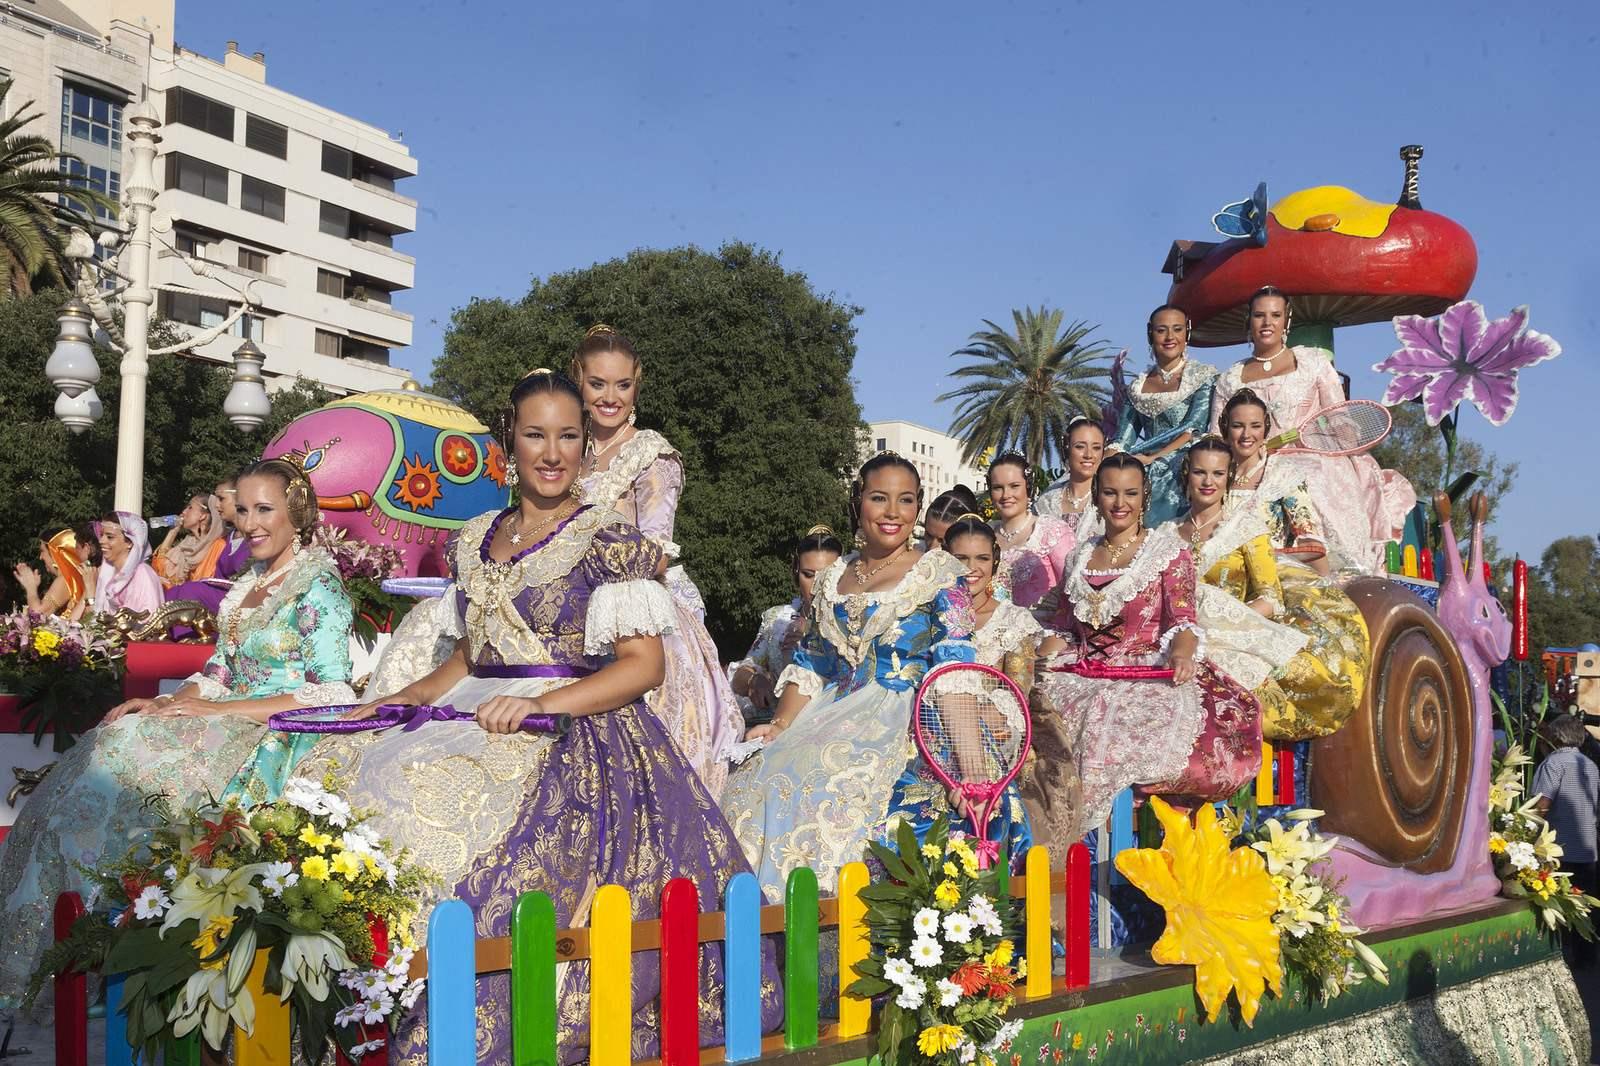 battle of flowers10 Battle of Flowers   Legendary Fiesta in Valencia